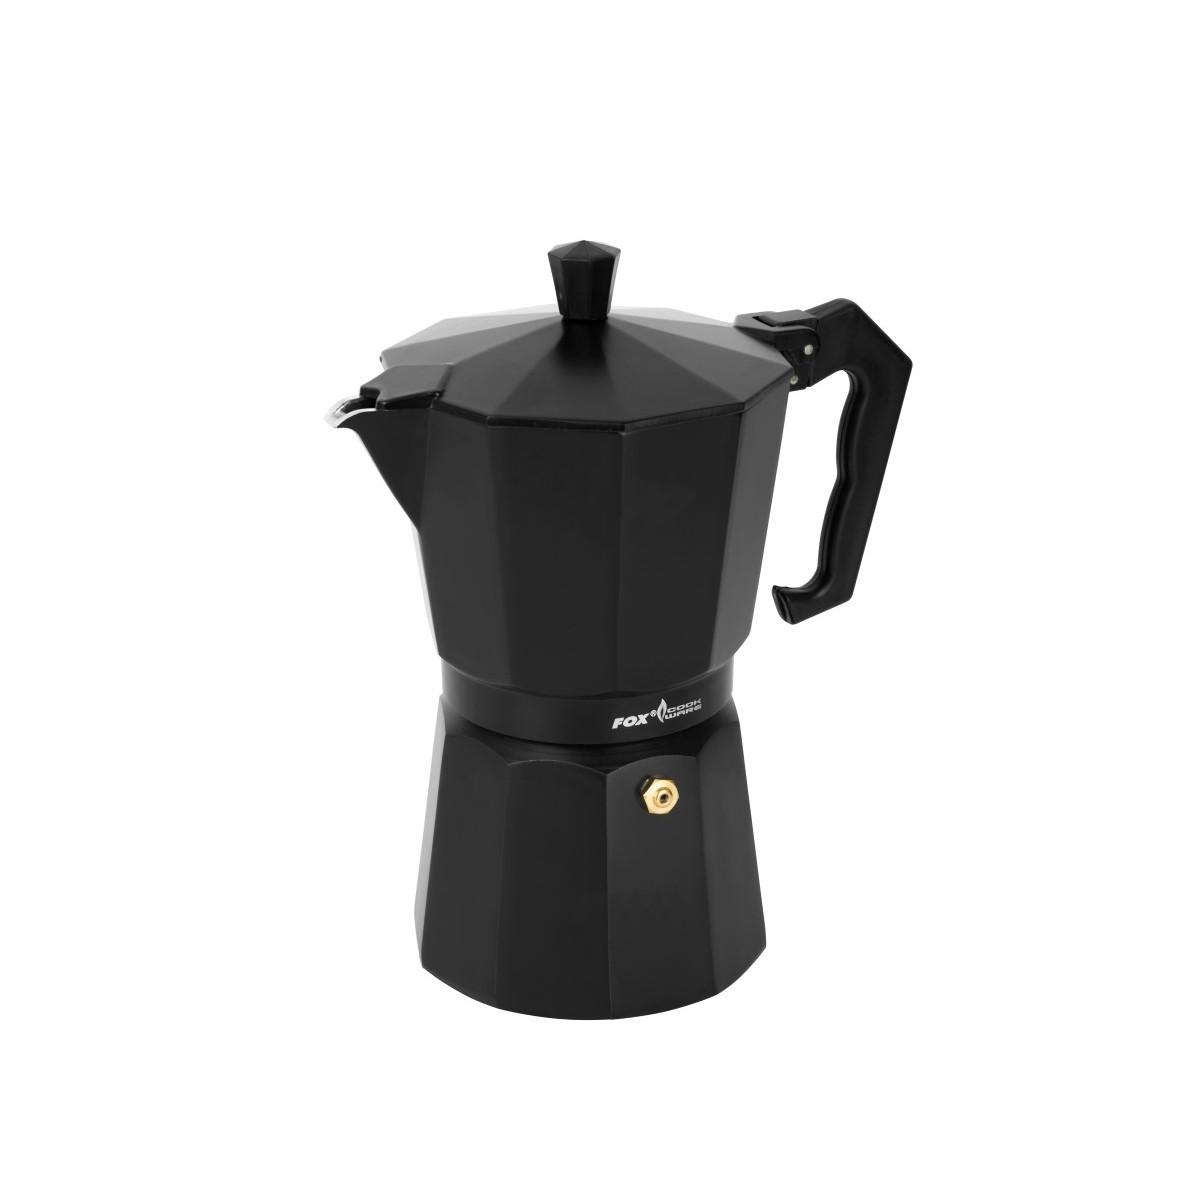 Кафеварка Fox Cookware Coffee Maker 300ml